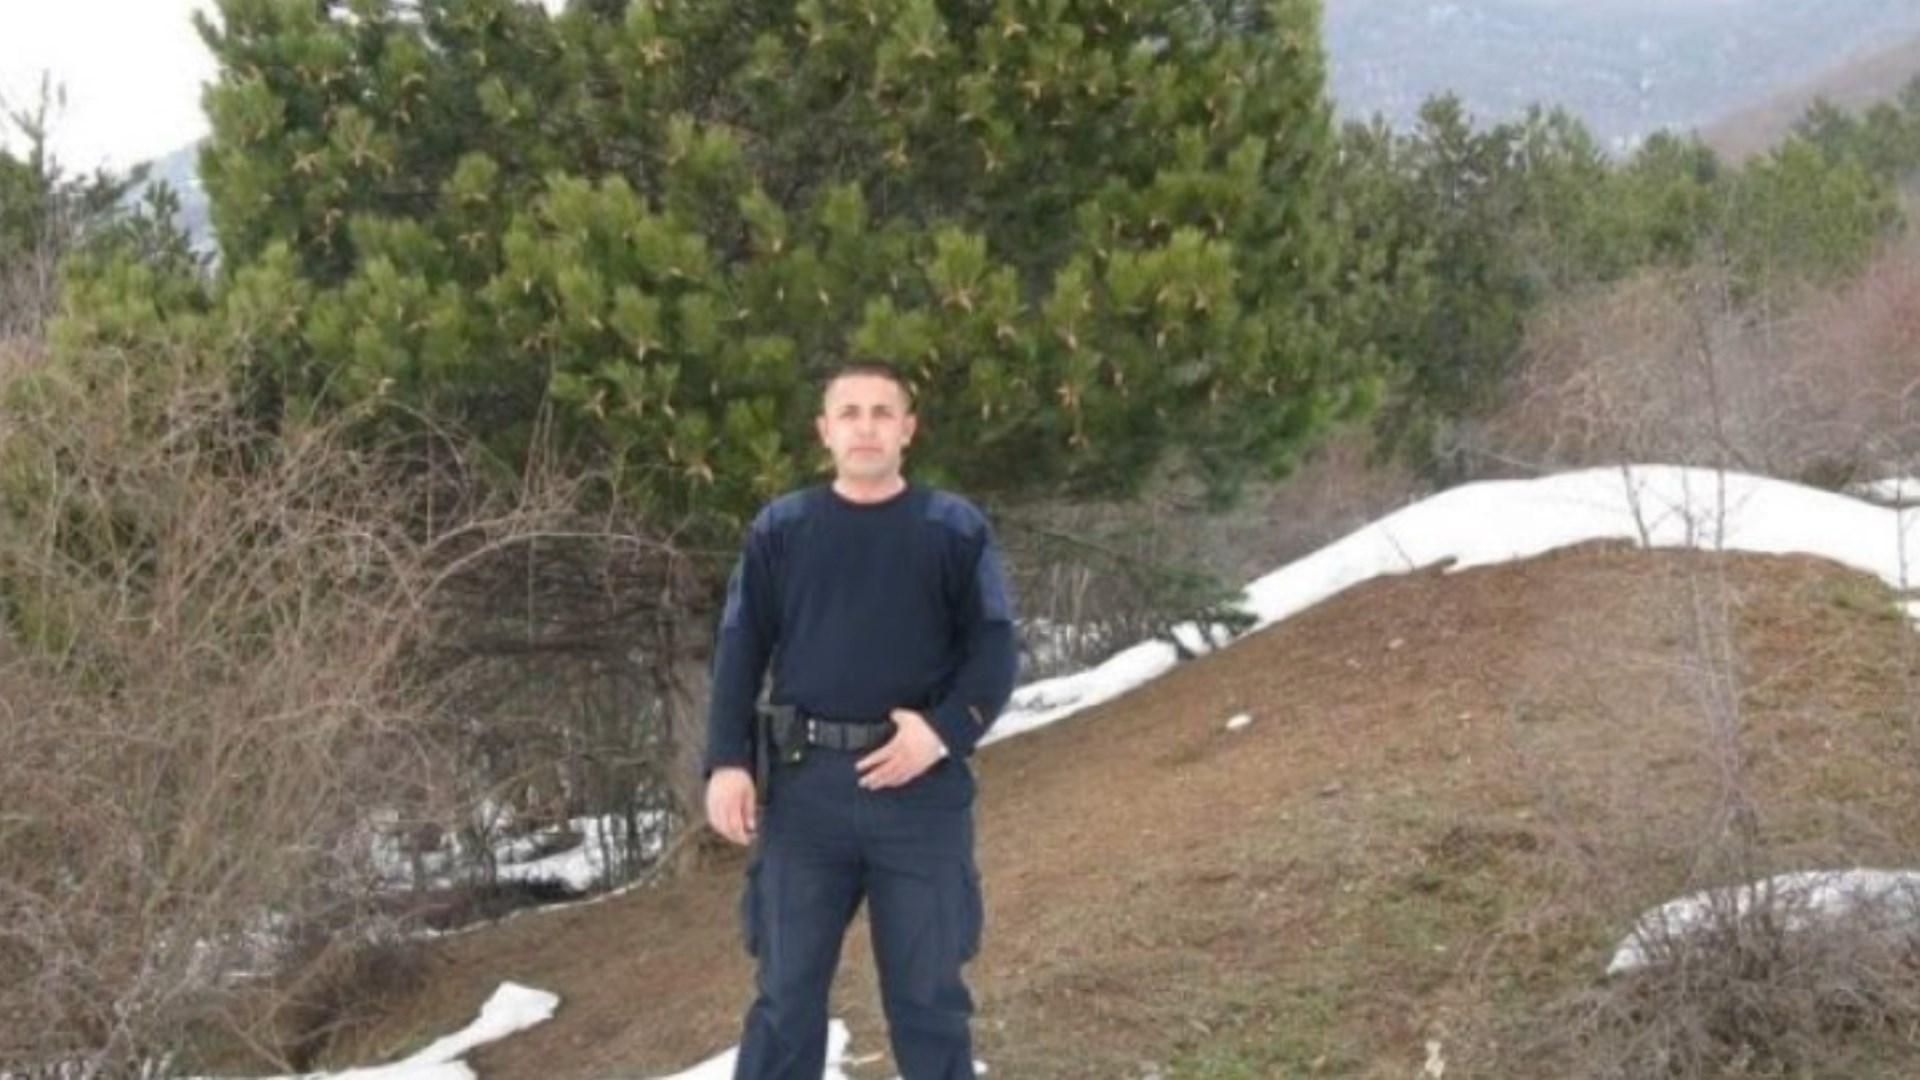 Drejtues të shtetit në Kosove nderuan policin e rënë në krye të detyrës